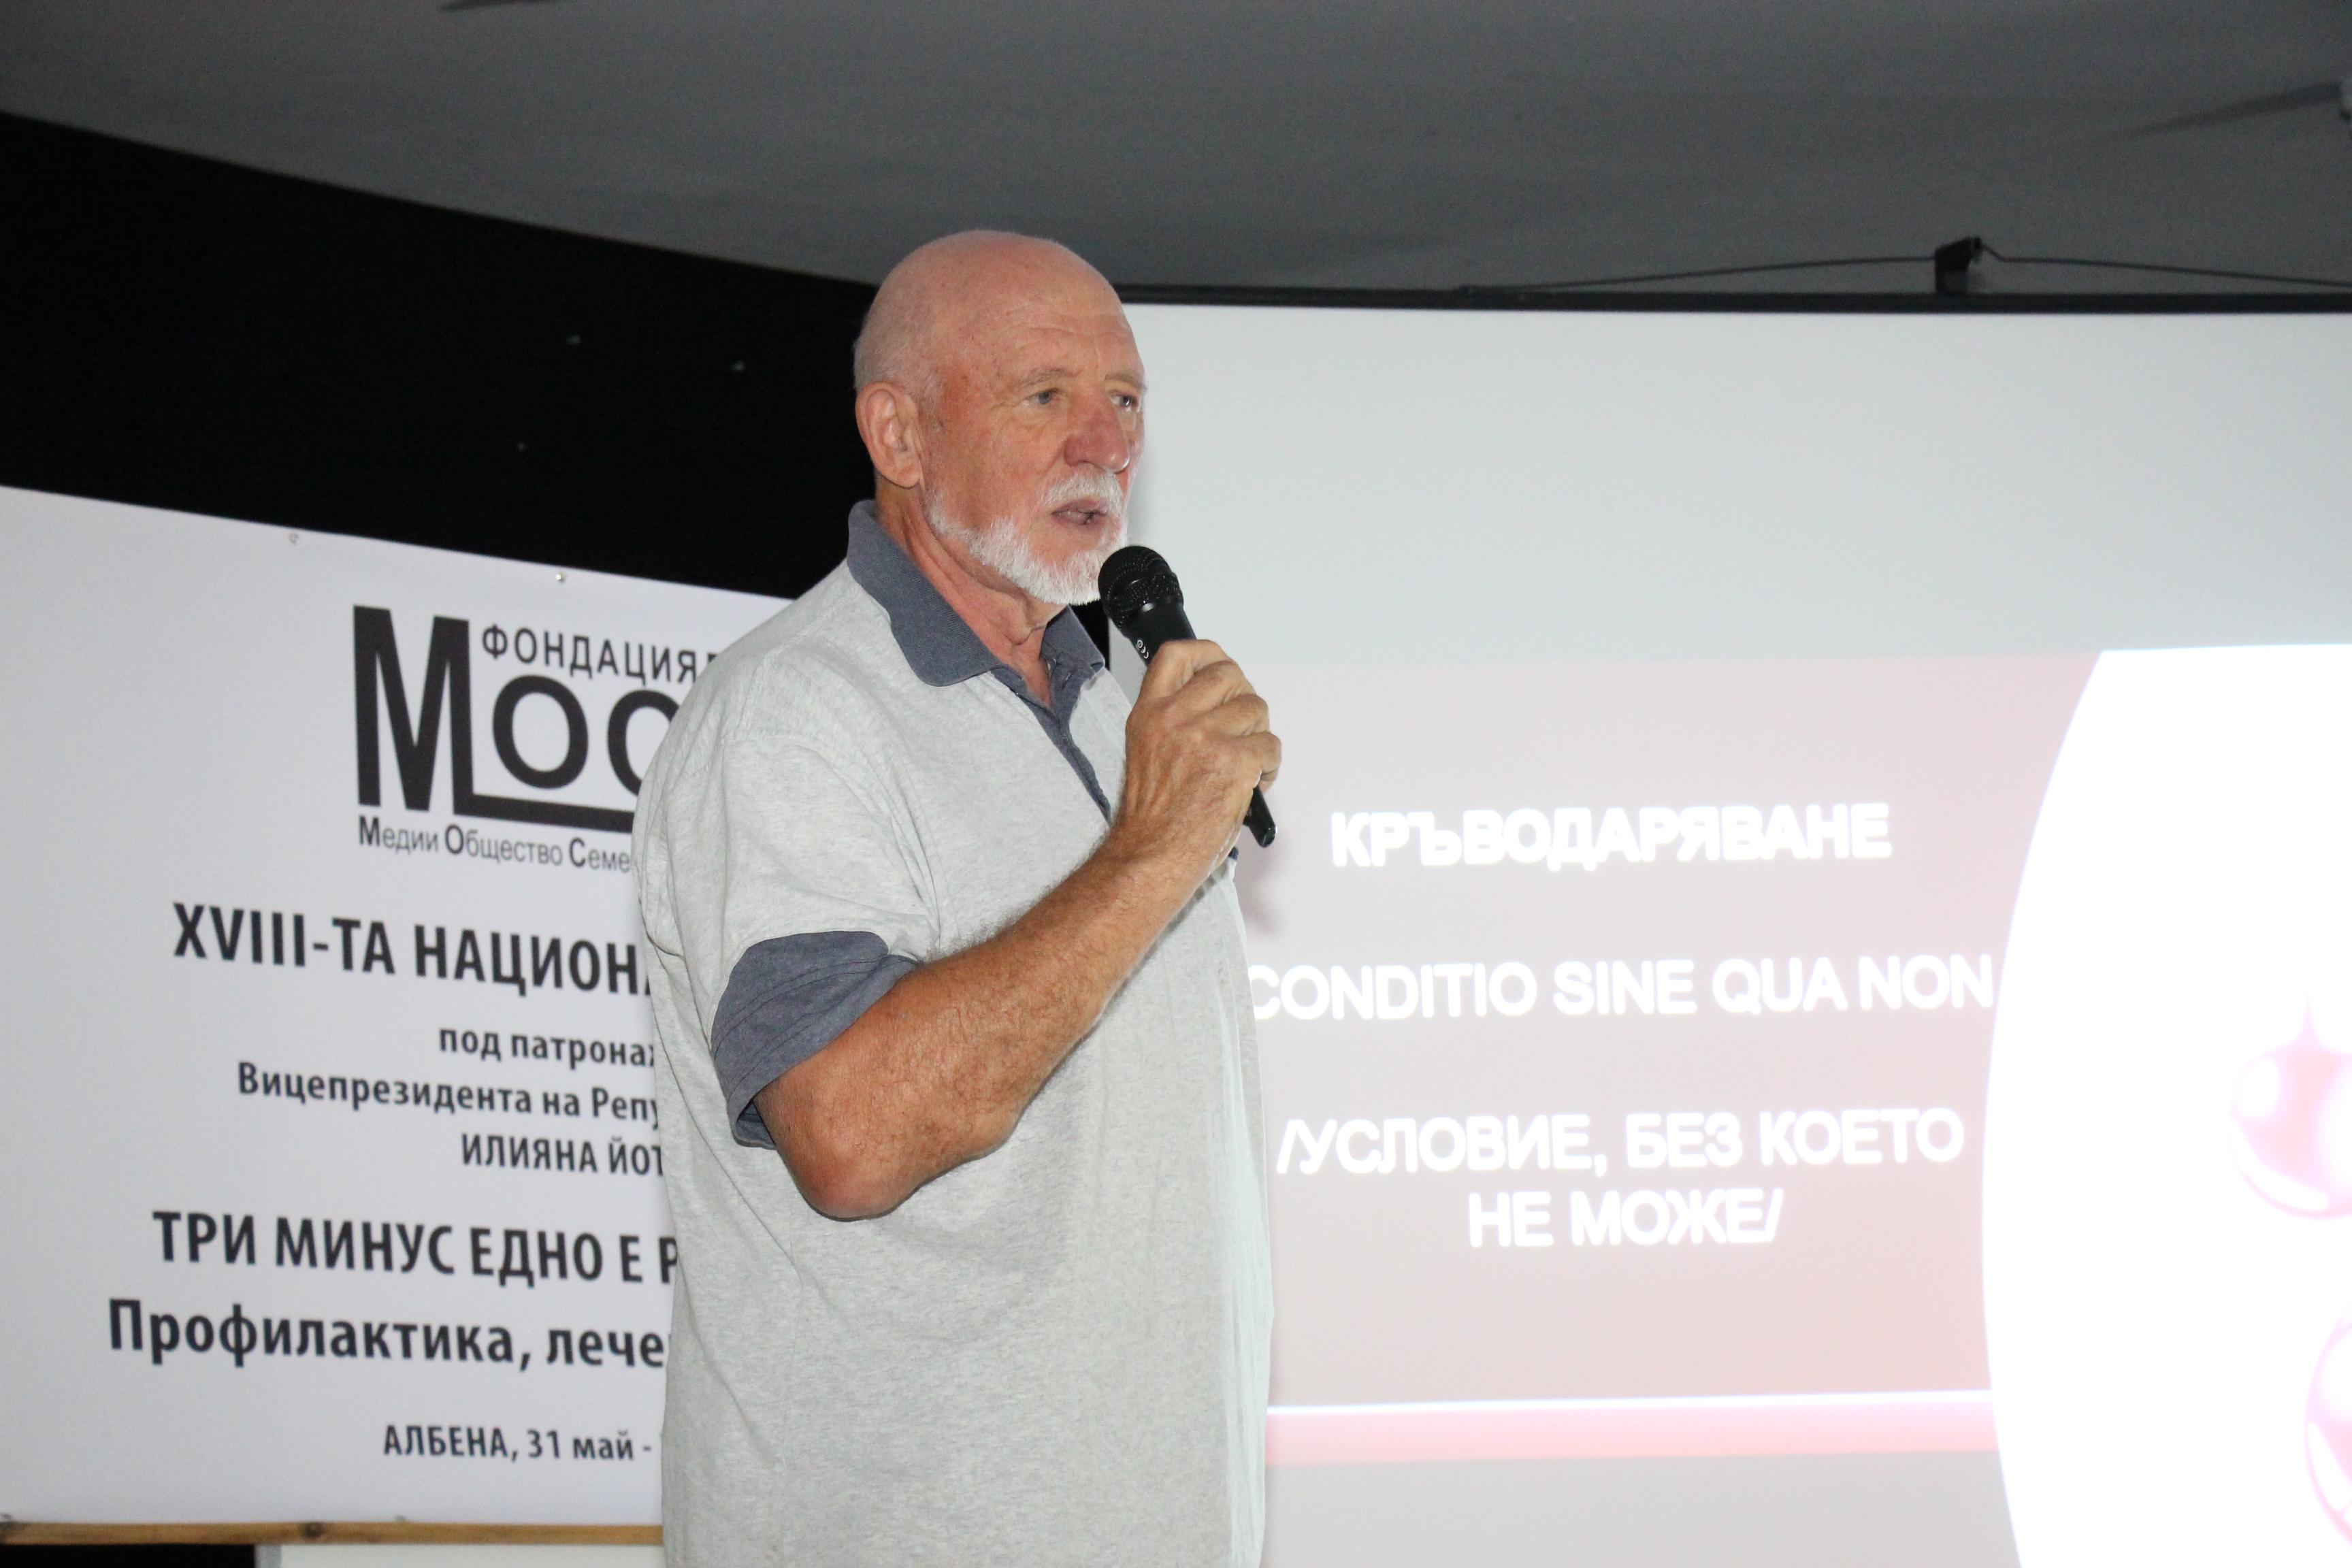 Photo of Д-р Руденко Йорданов:  Недостигът на кръв и кръвни продукти се задълбочава, ще расте черният пазар